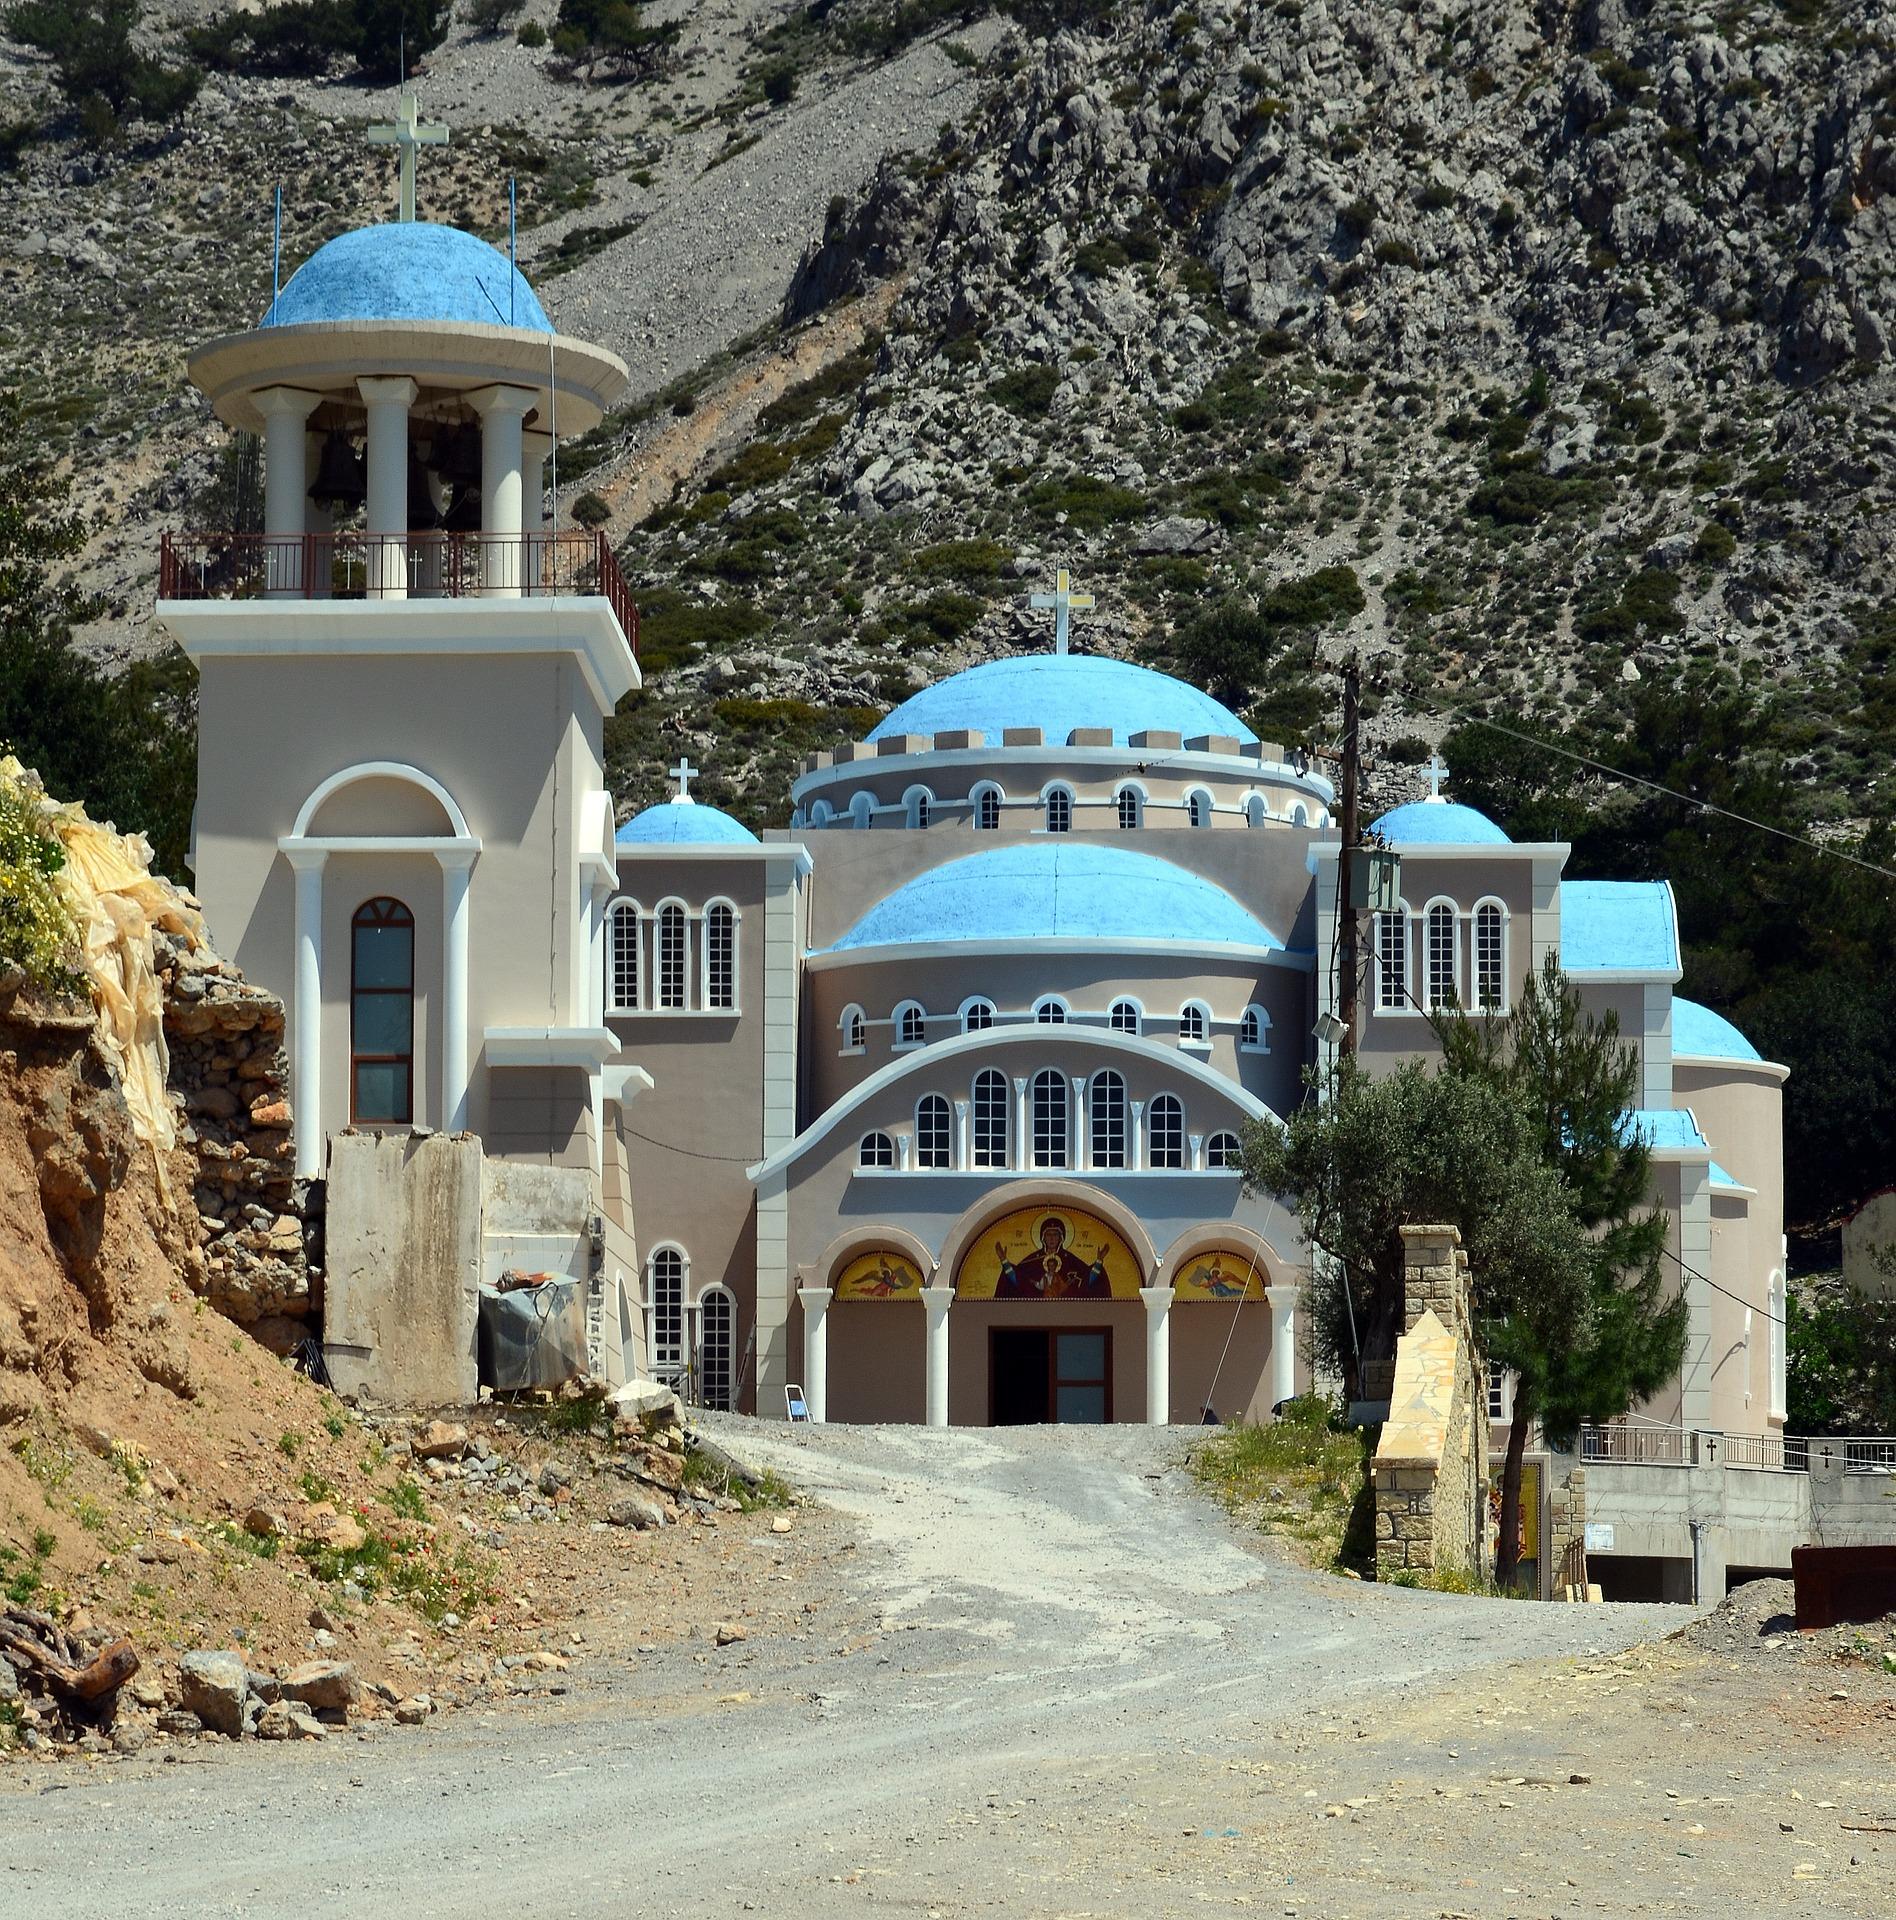 Kloster_Agios_Nikolaos_auf_Kreta__170825104329_NyONDo